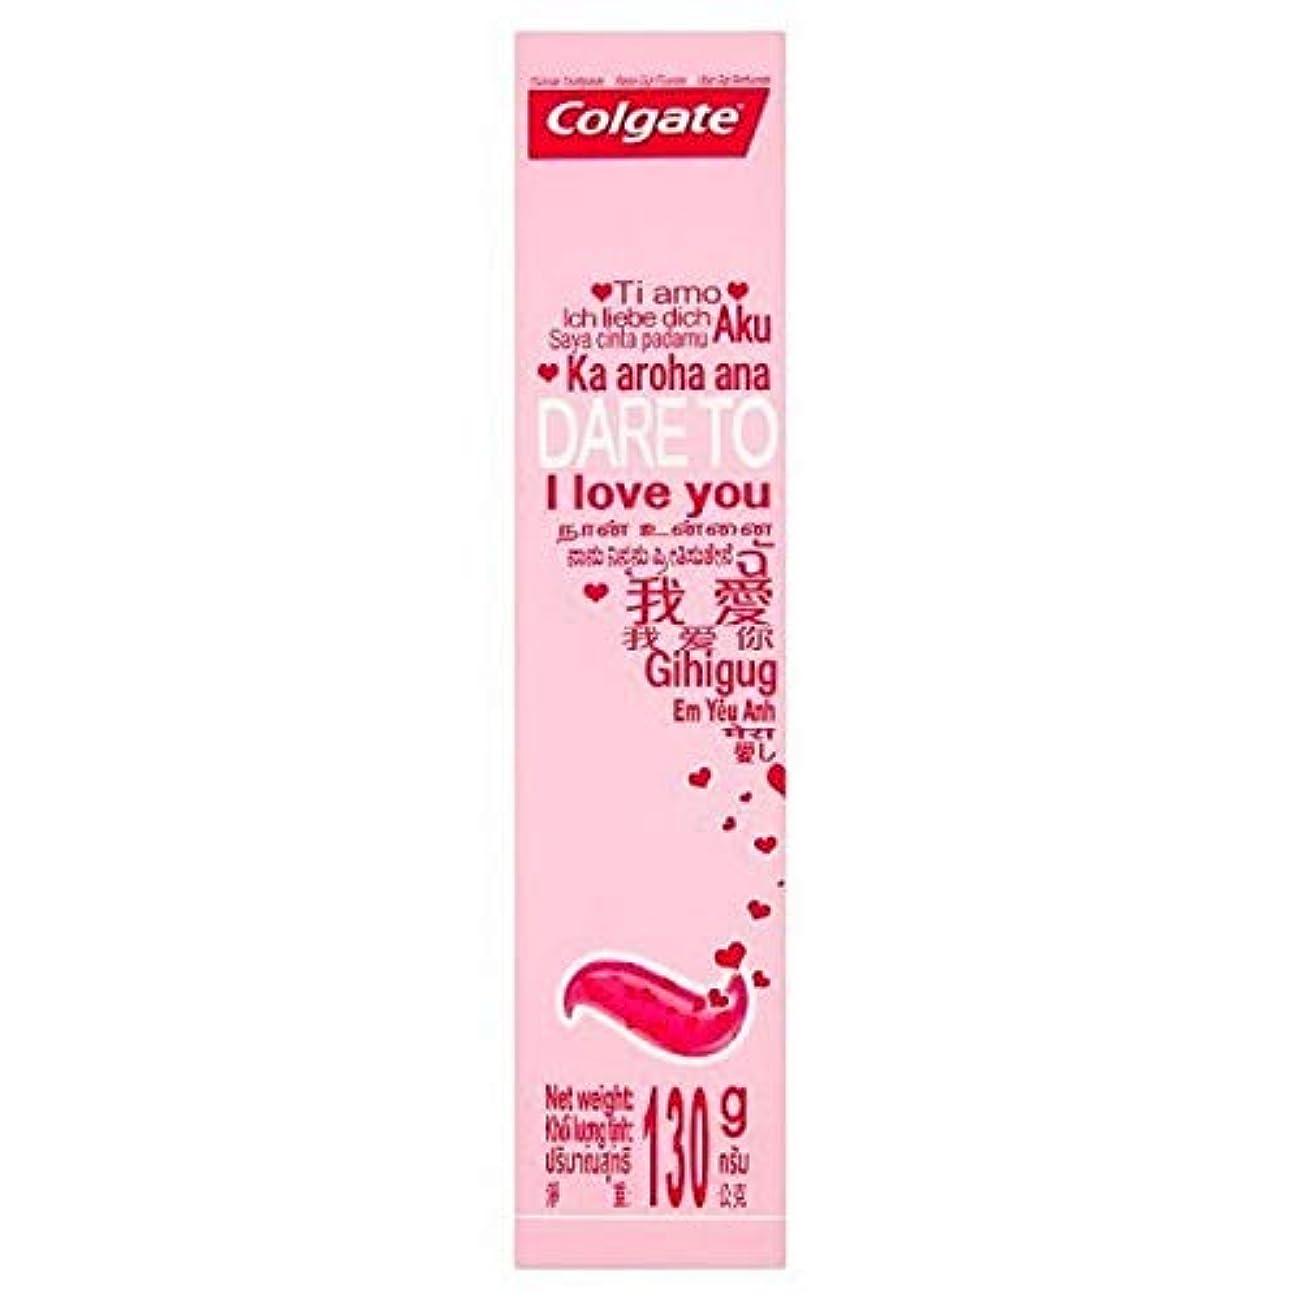 香港提出するリズム[Colgate ] コルゲートは、歯磨き粉の130グラムを愛することを敢えて - Colgate Dare To Love Toothpaste 130g [並行輸入品]